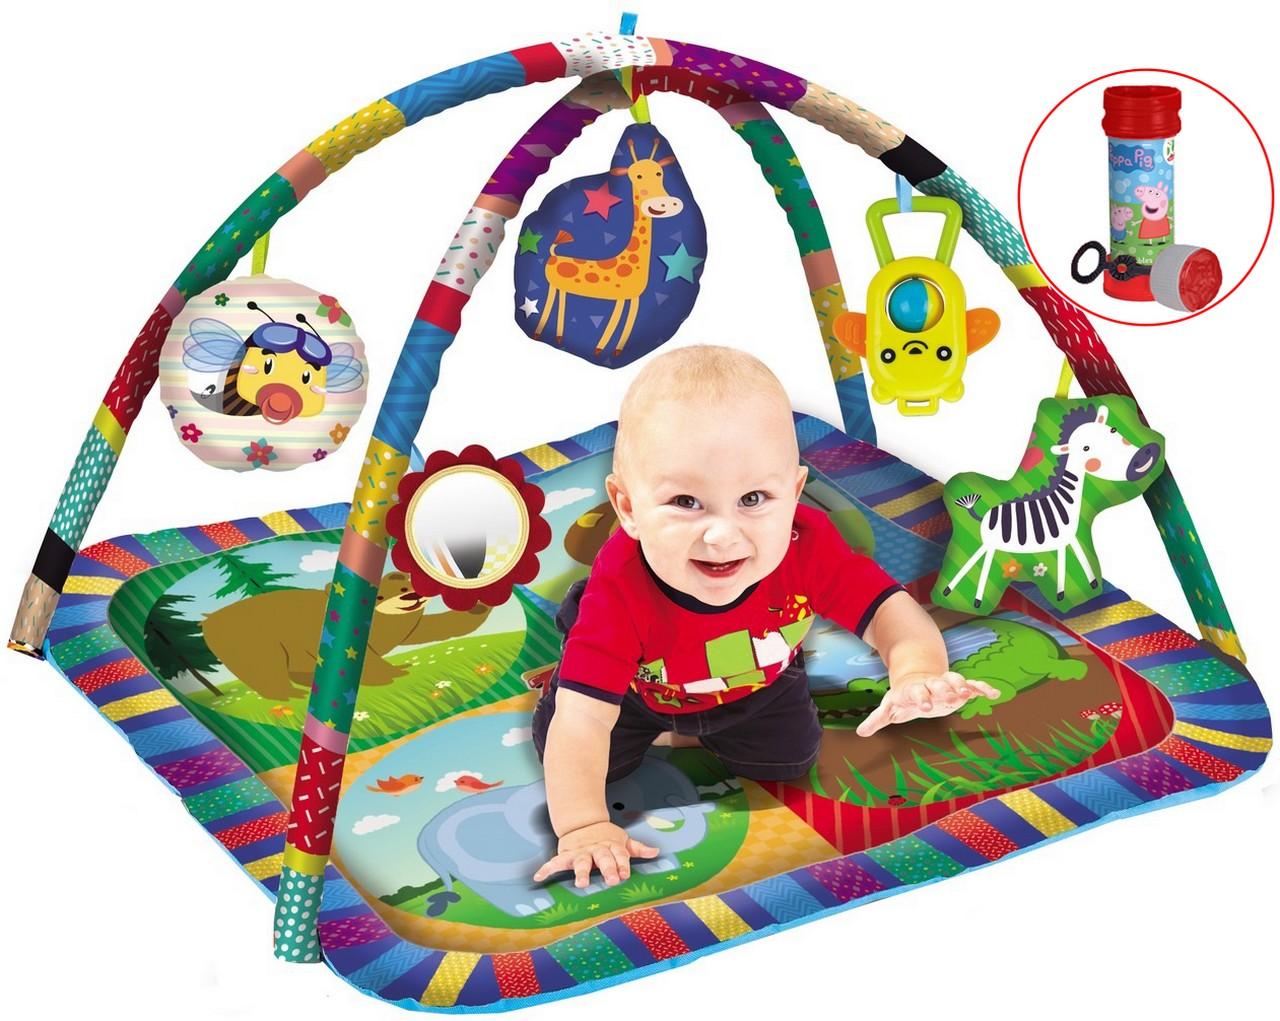 Tapete Centro de Atividades Infantil Menino Menina Bolhas De Sabão  Desenvolve Coordenação Motora Modelo ZP00179 Zoop Toys